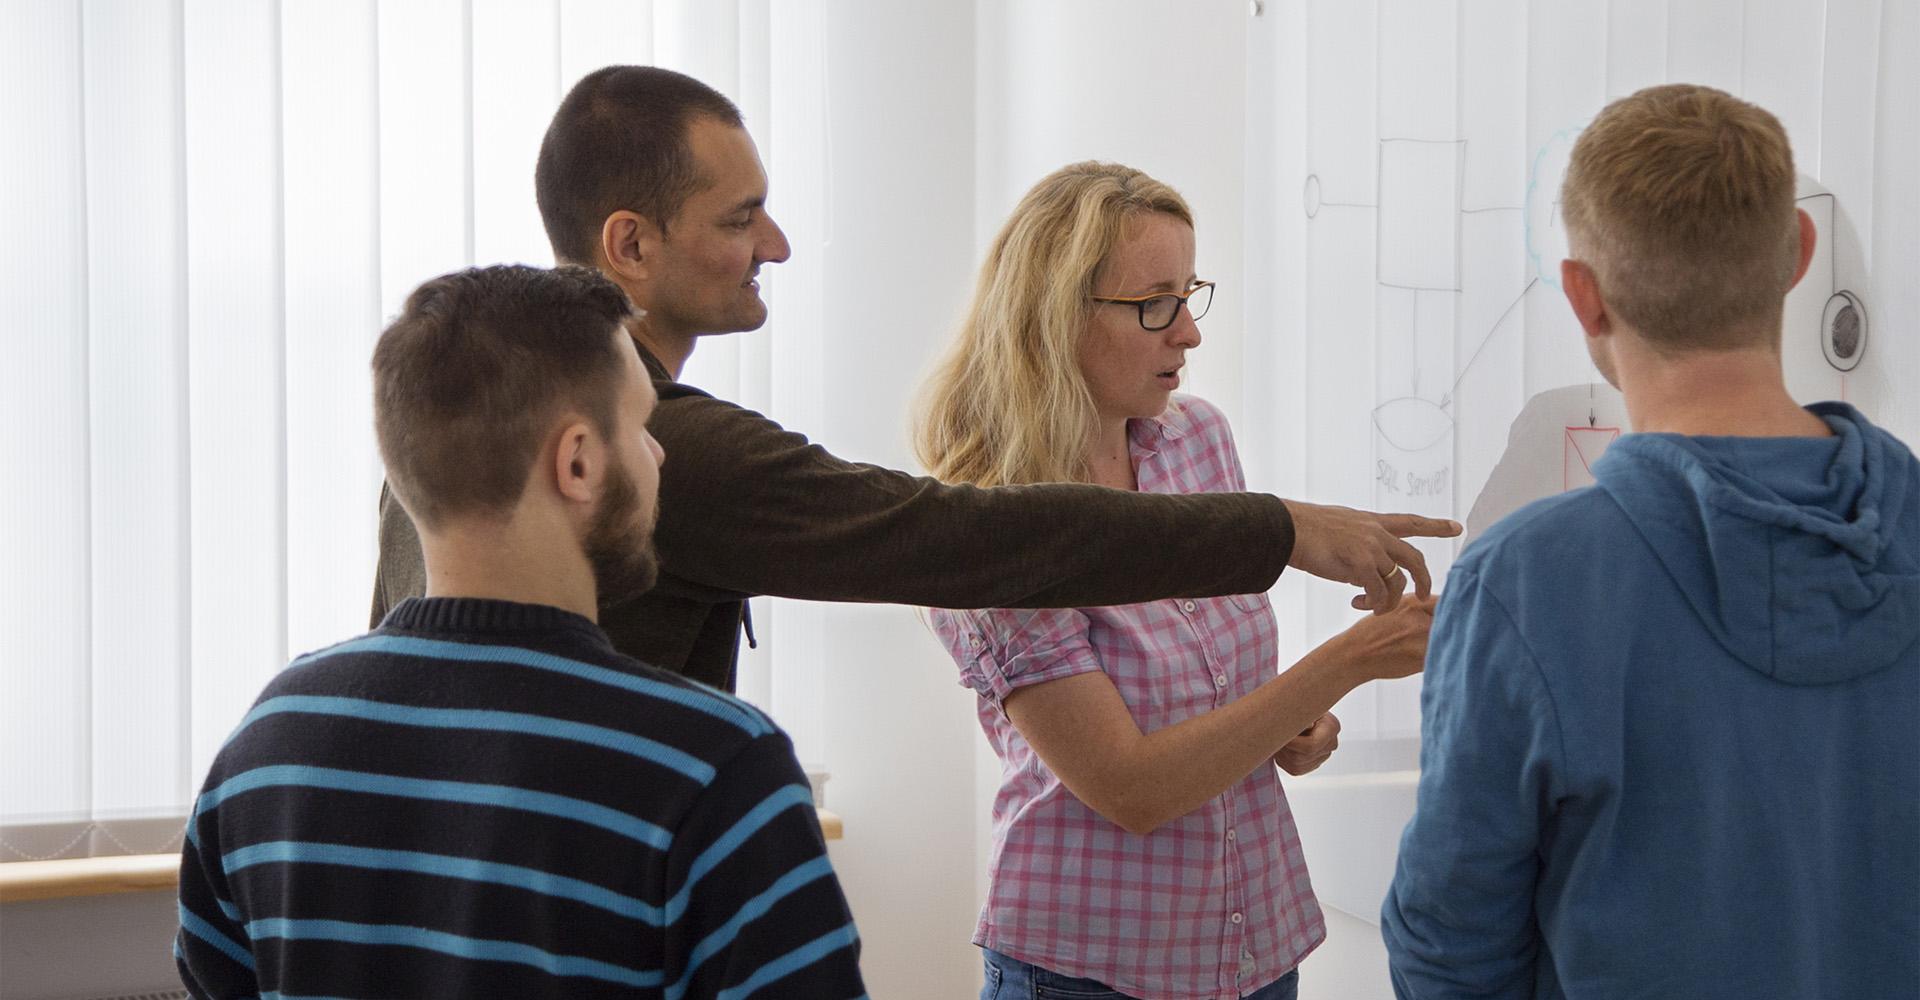 Mitarbeiter von Softwarekontor beim Teamwork. Entwicklung, Anforderungen, Spezialist, Prozesse.